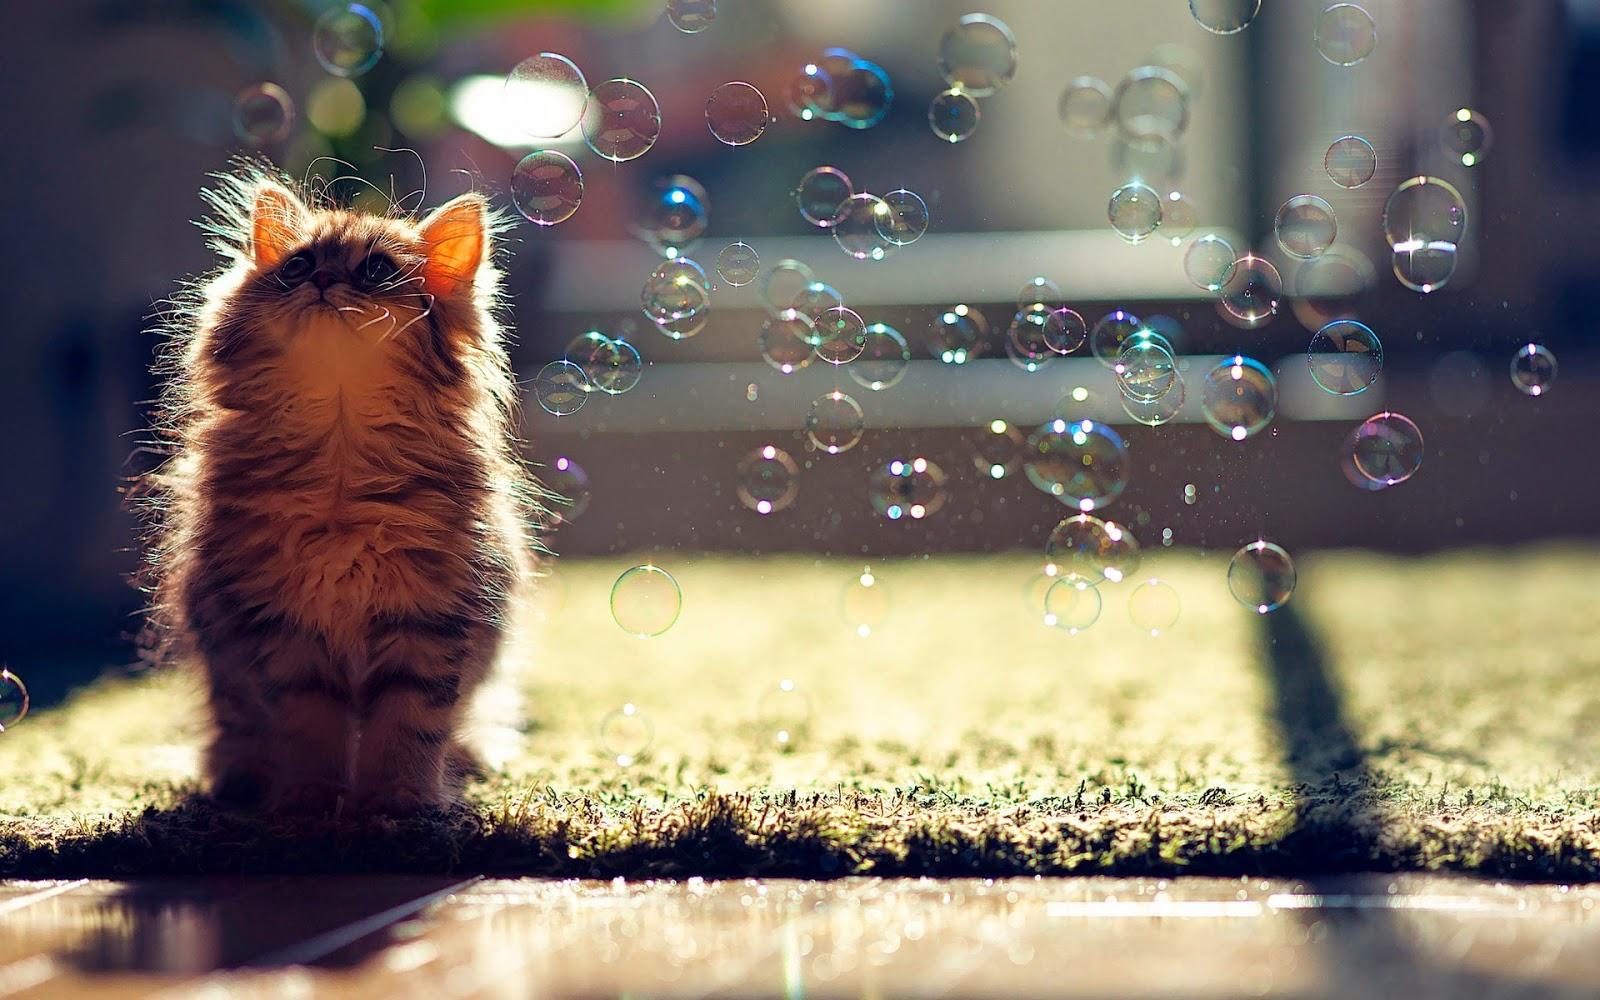 - Cute kitten wallpaper free download ...